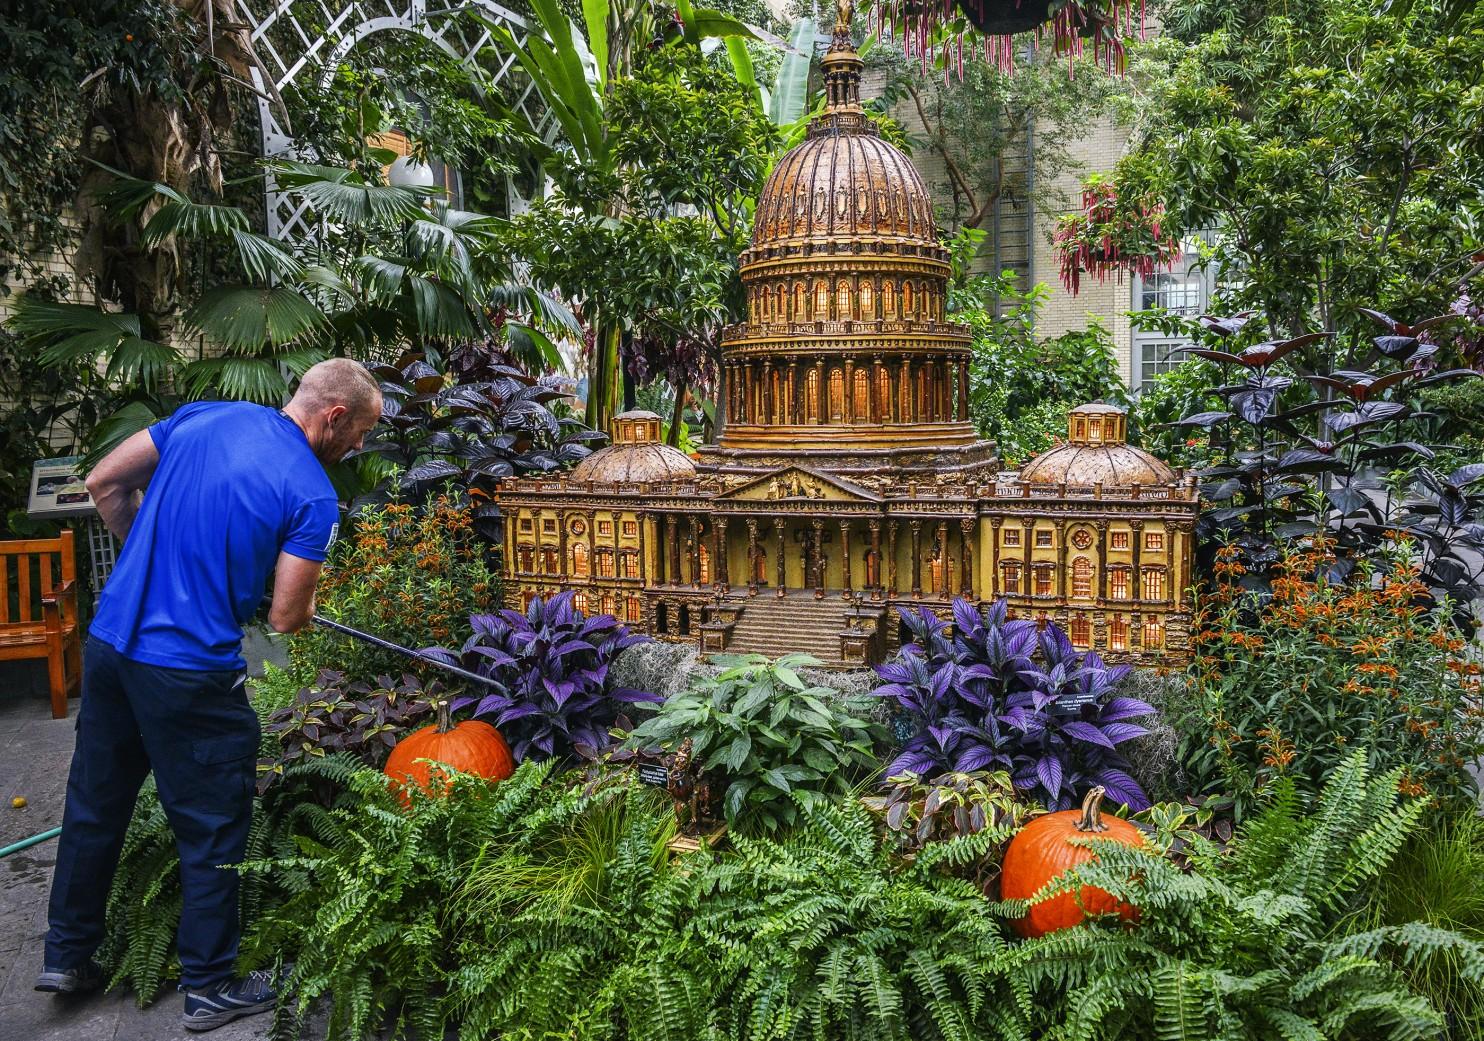 U.S. Botanical Gardens